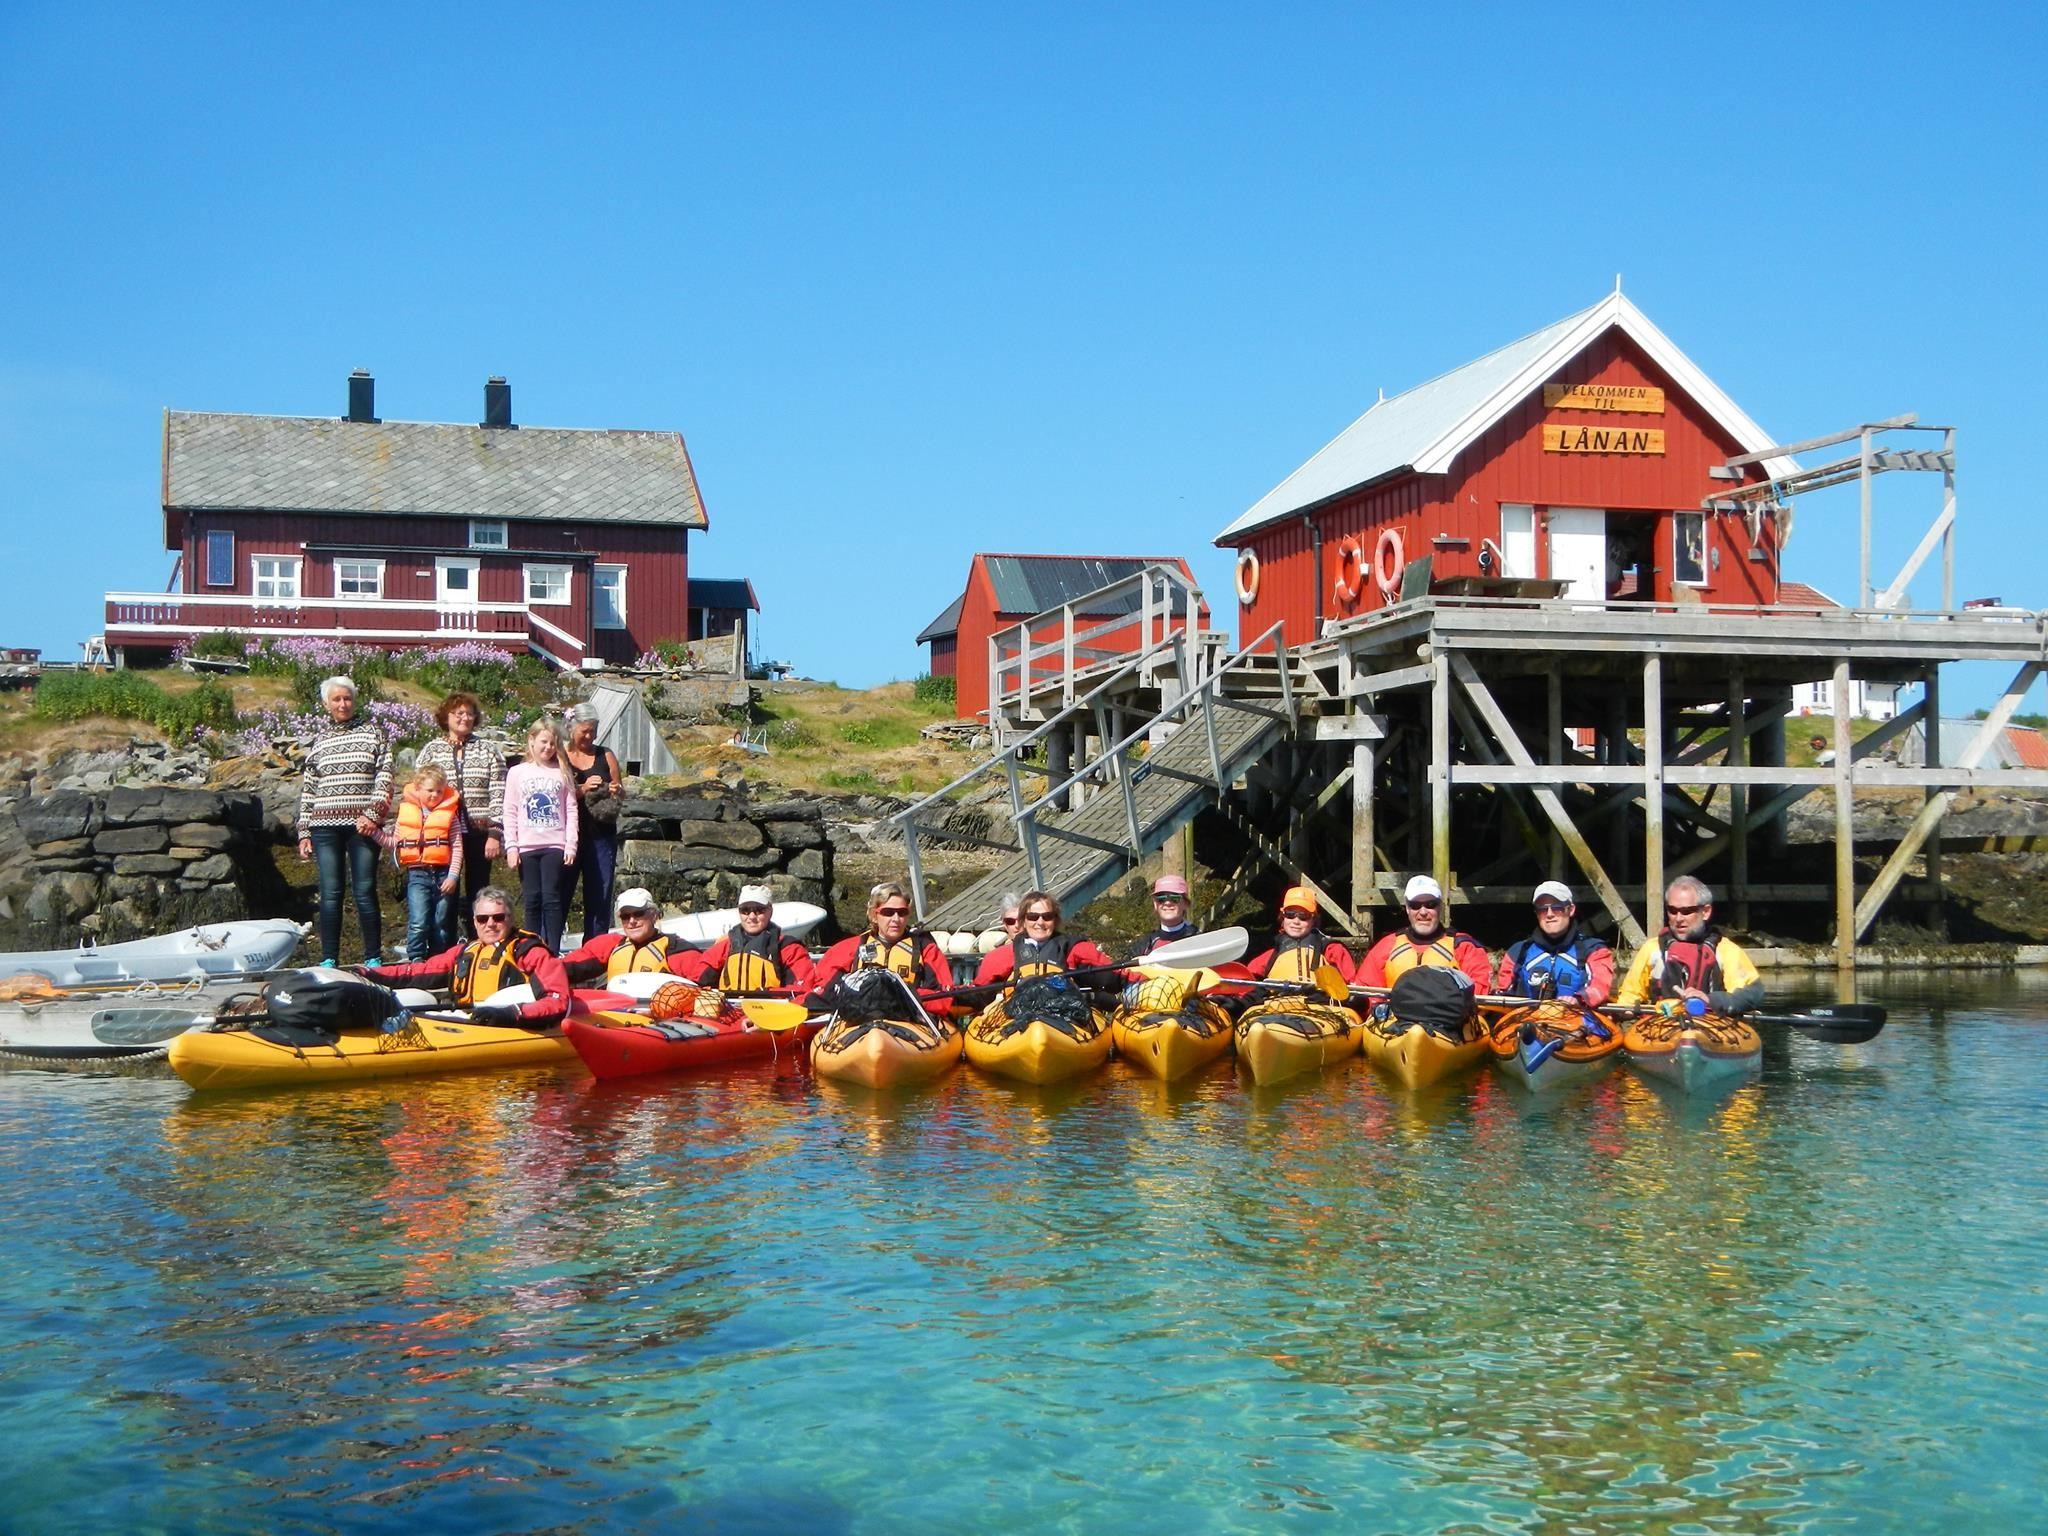 Hvitserktur - opplev kystkylturen i Vegaøyan Verdensarvområde